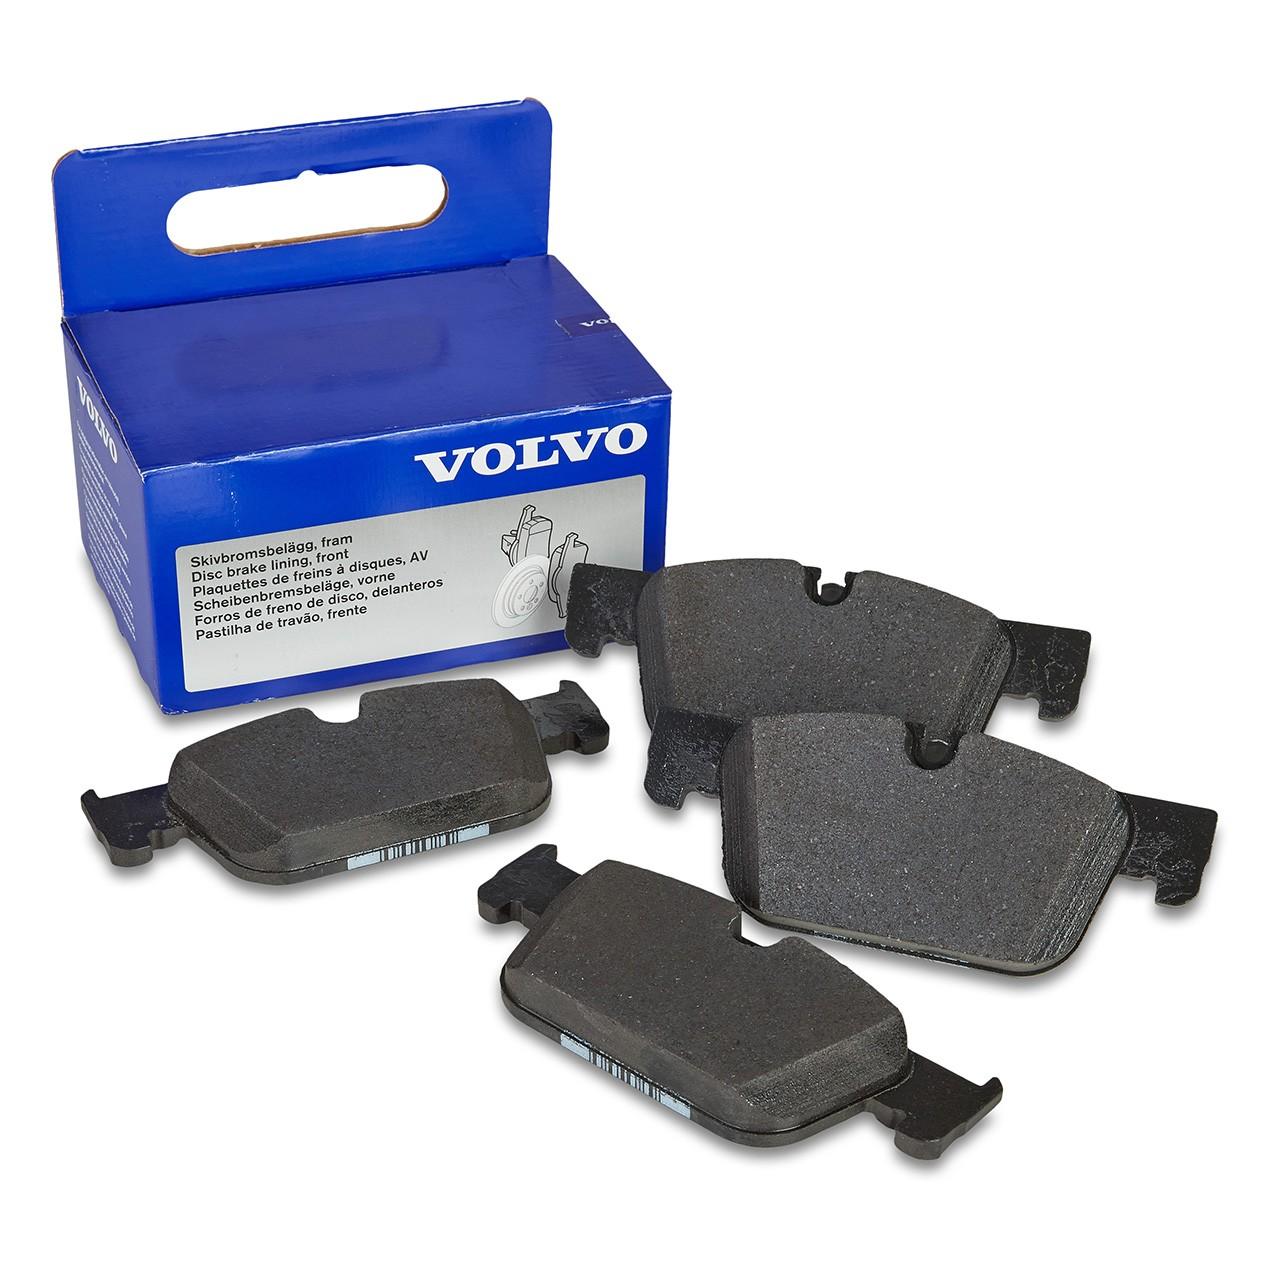 Volvo V90CC Bremsbeläge Vorderachse 31658359